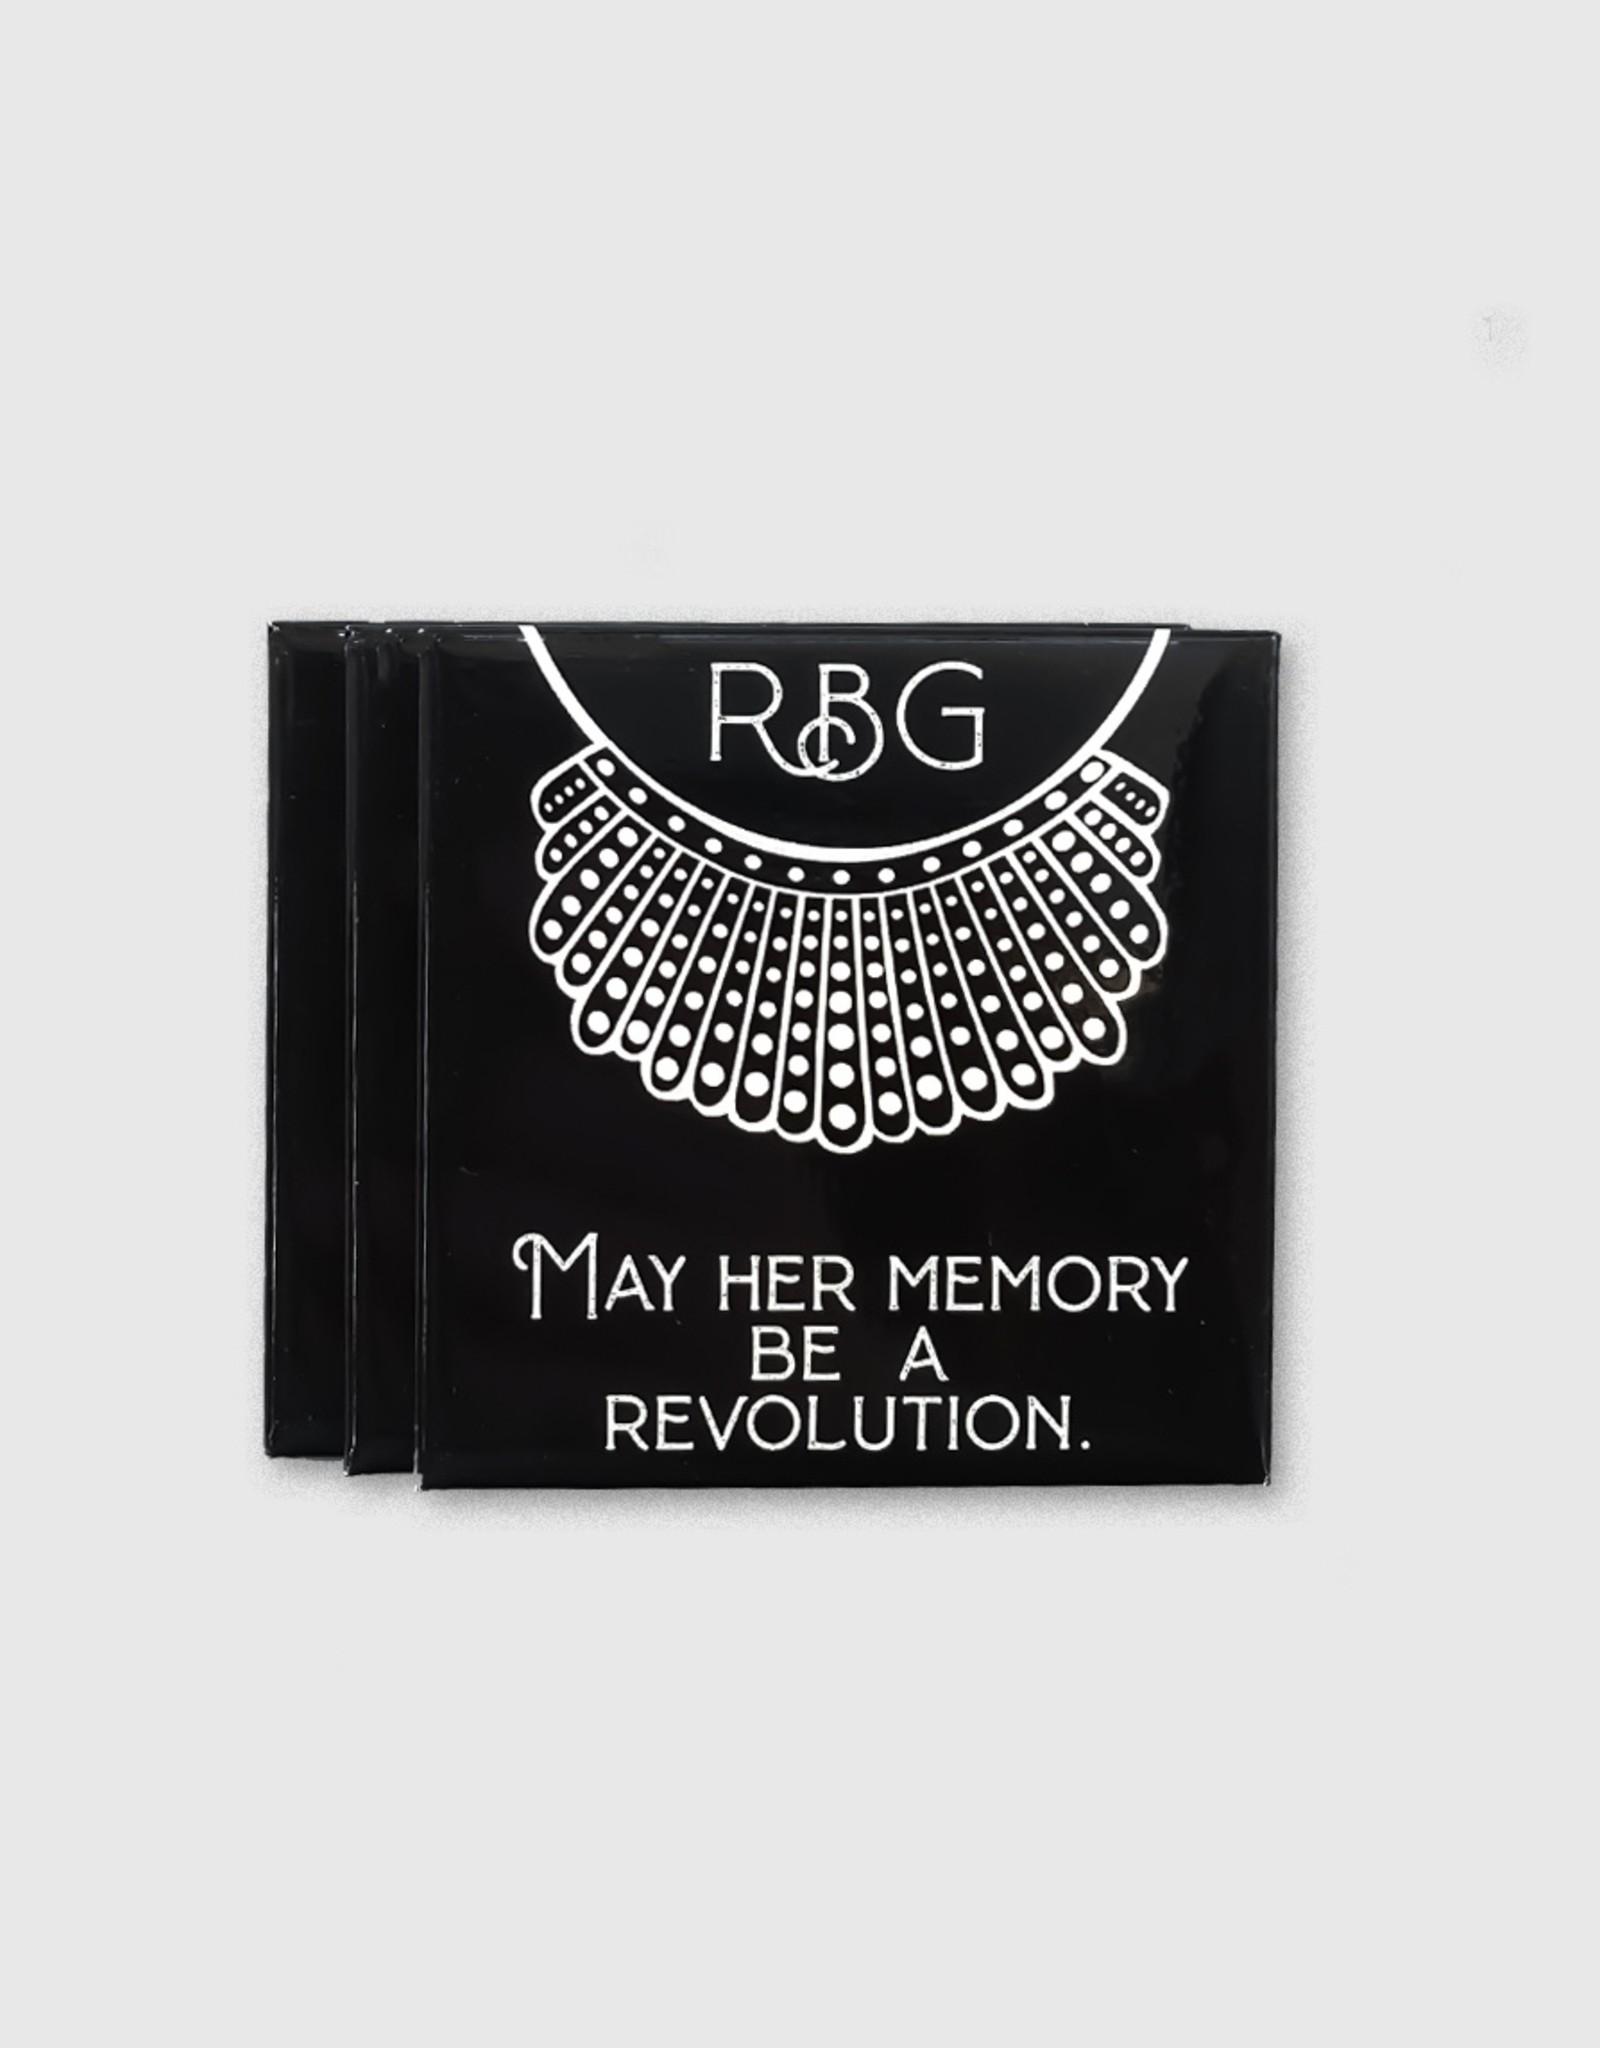 Citizen Ruth Magnet: RBG revolution